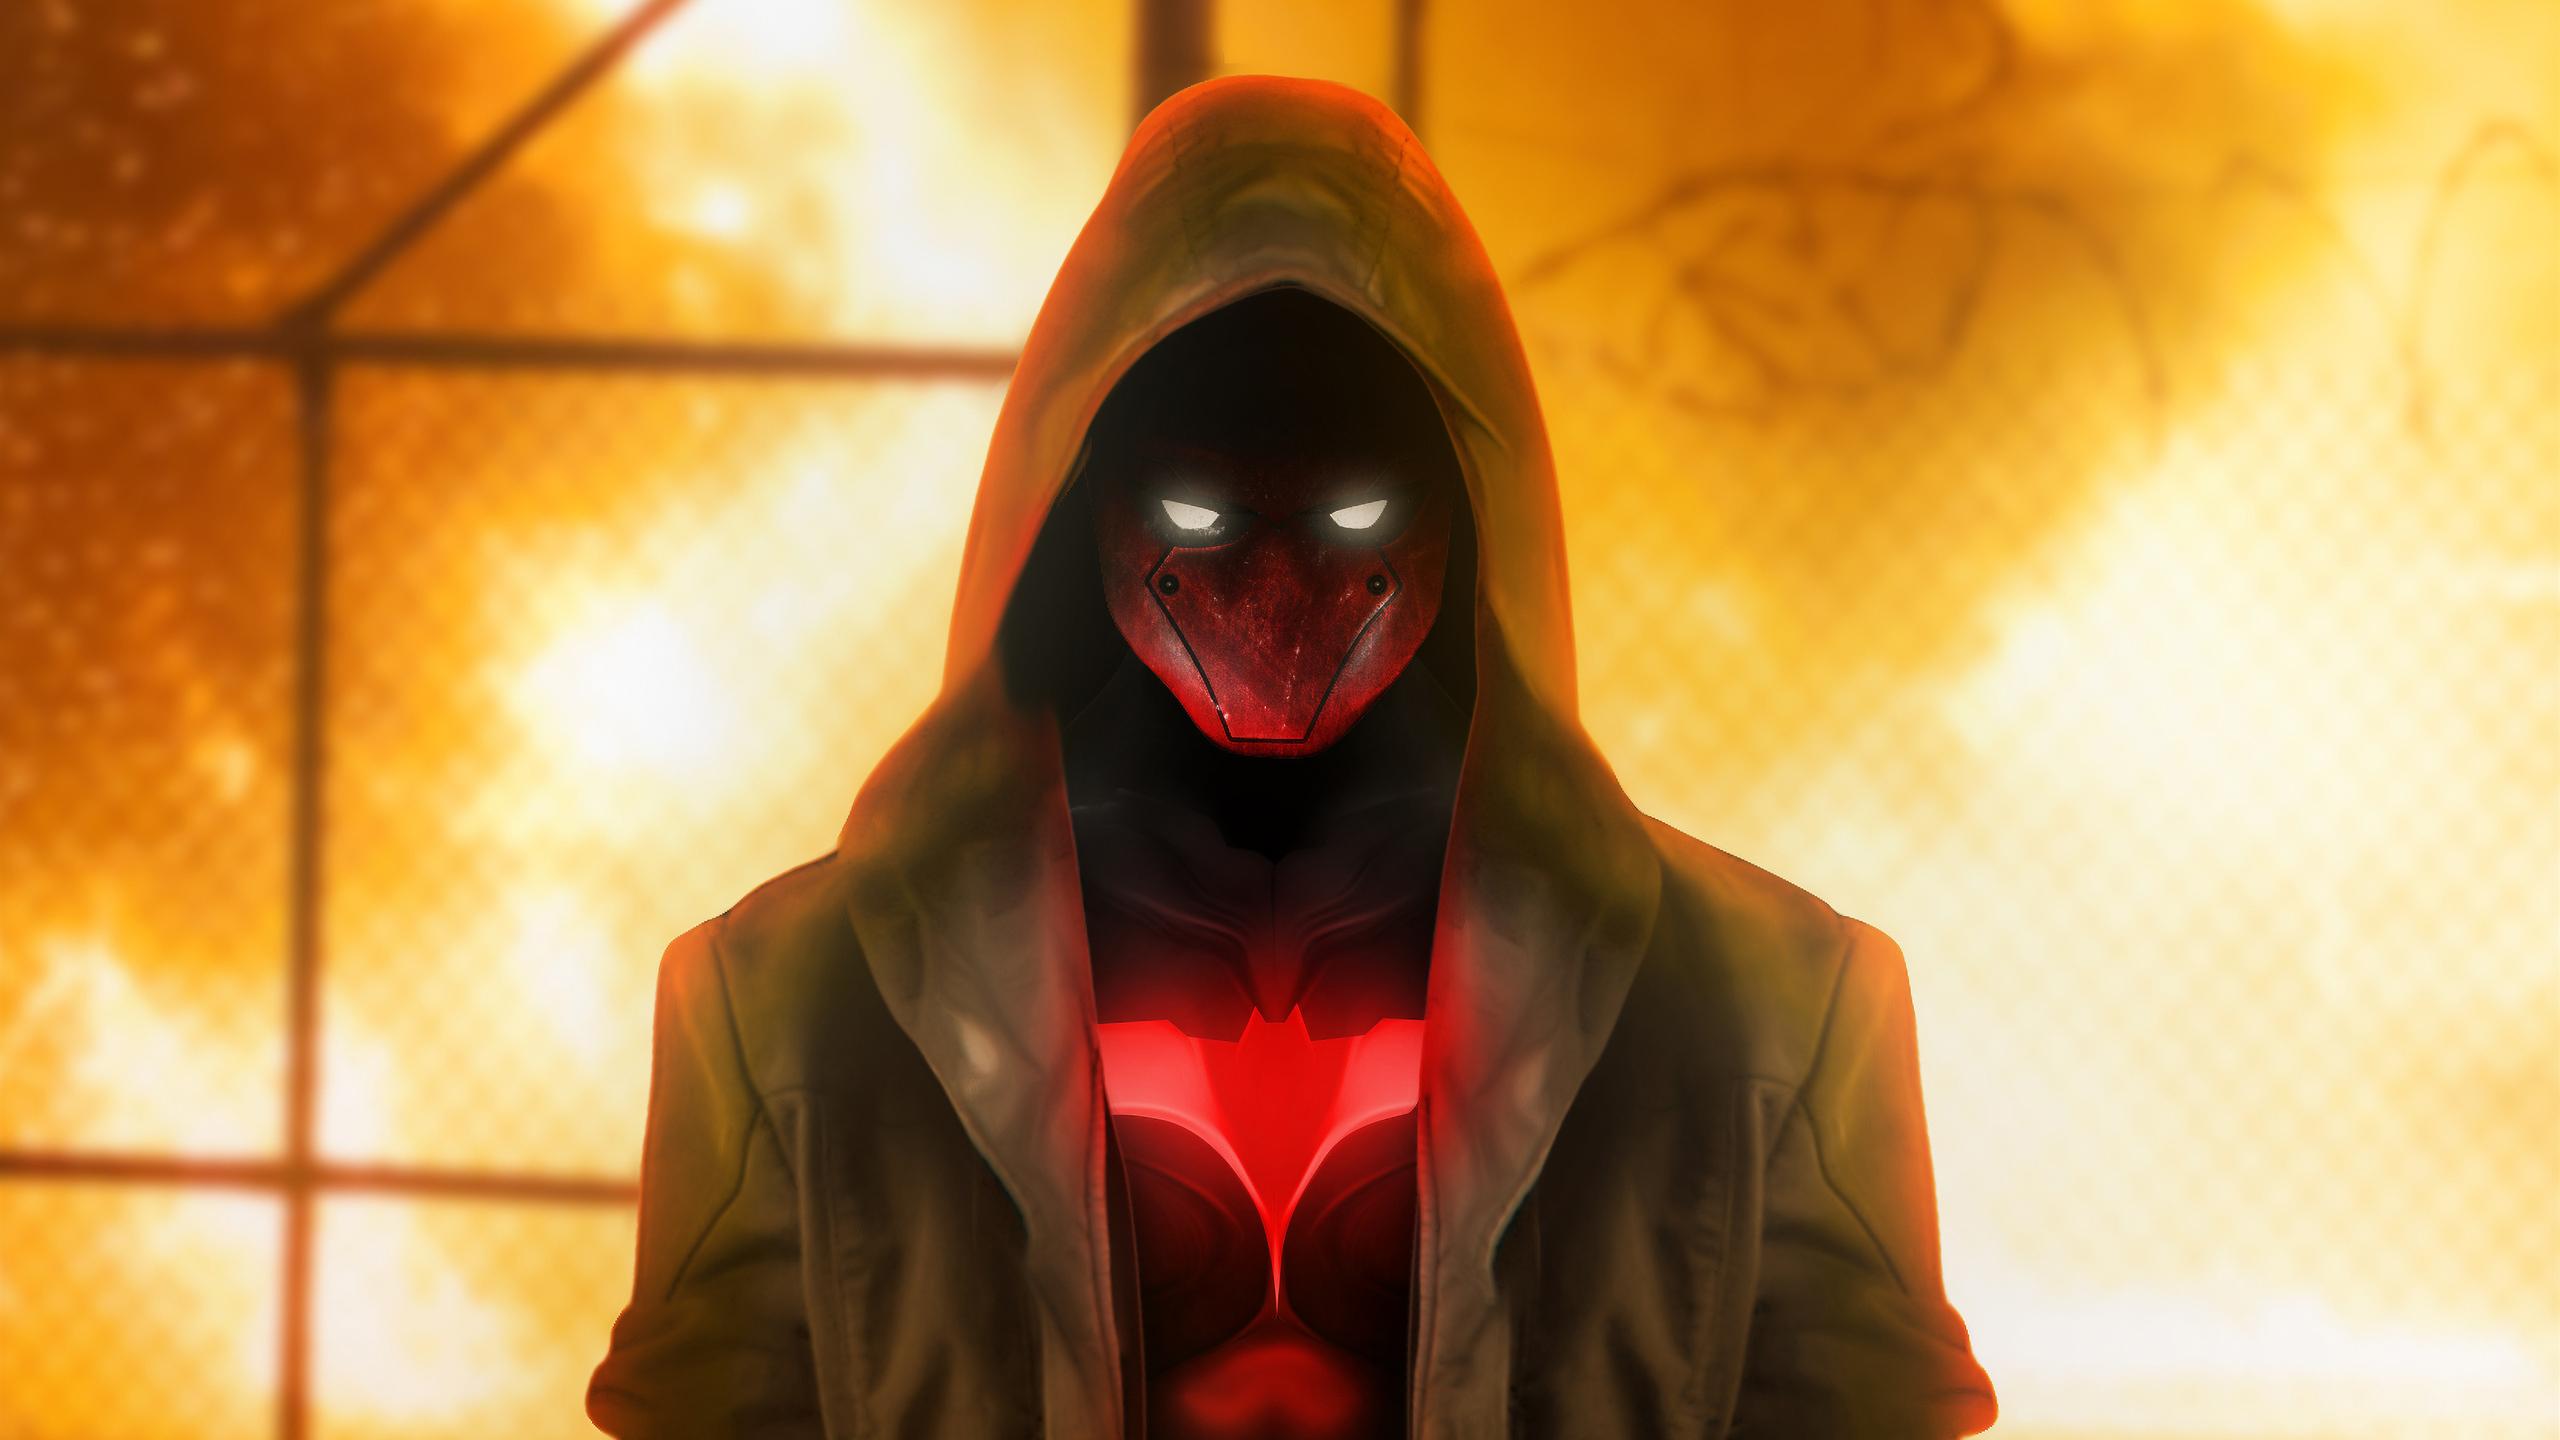 red-hood-superhero-4k-2d.jpg